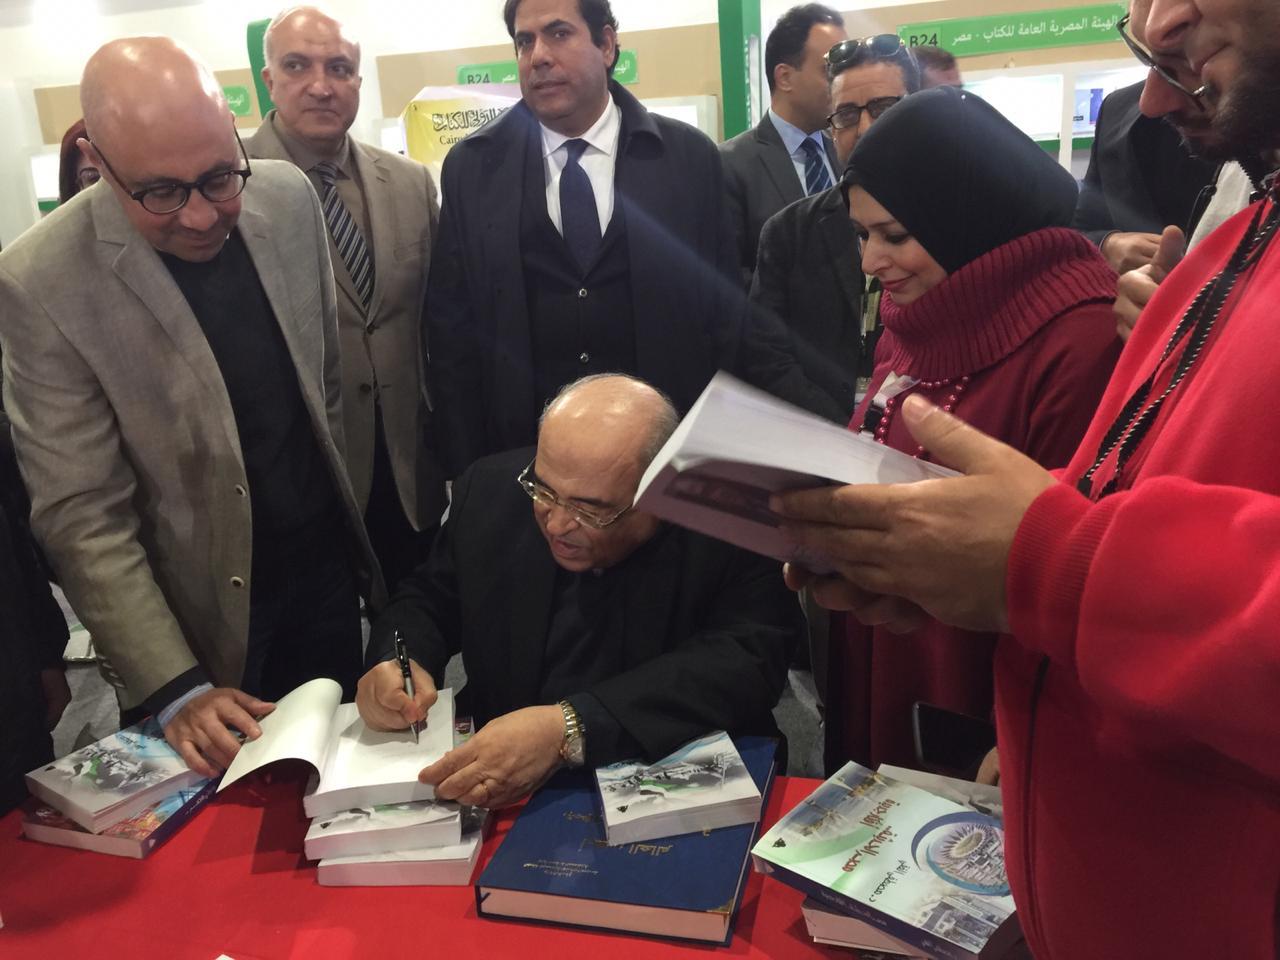 جانب من حفل توقيع كتب الدكتور مصطفى الفقى (1)